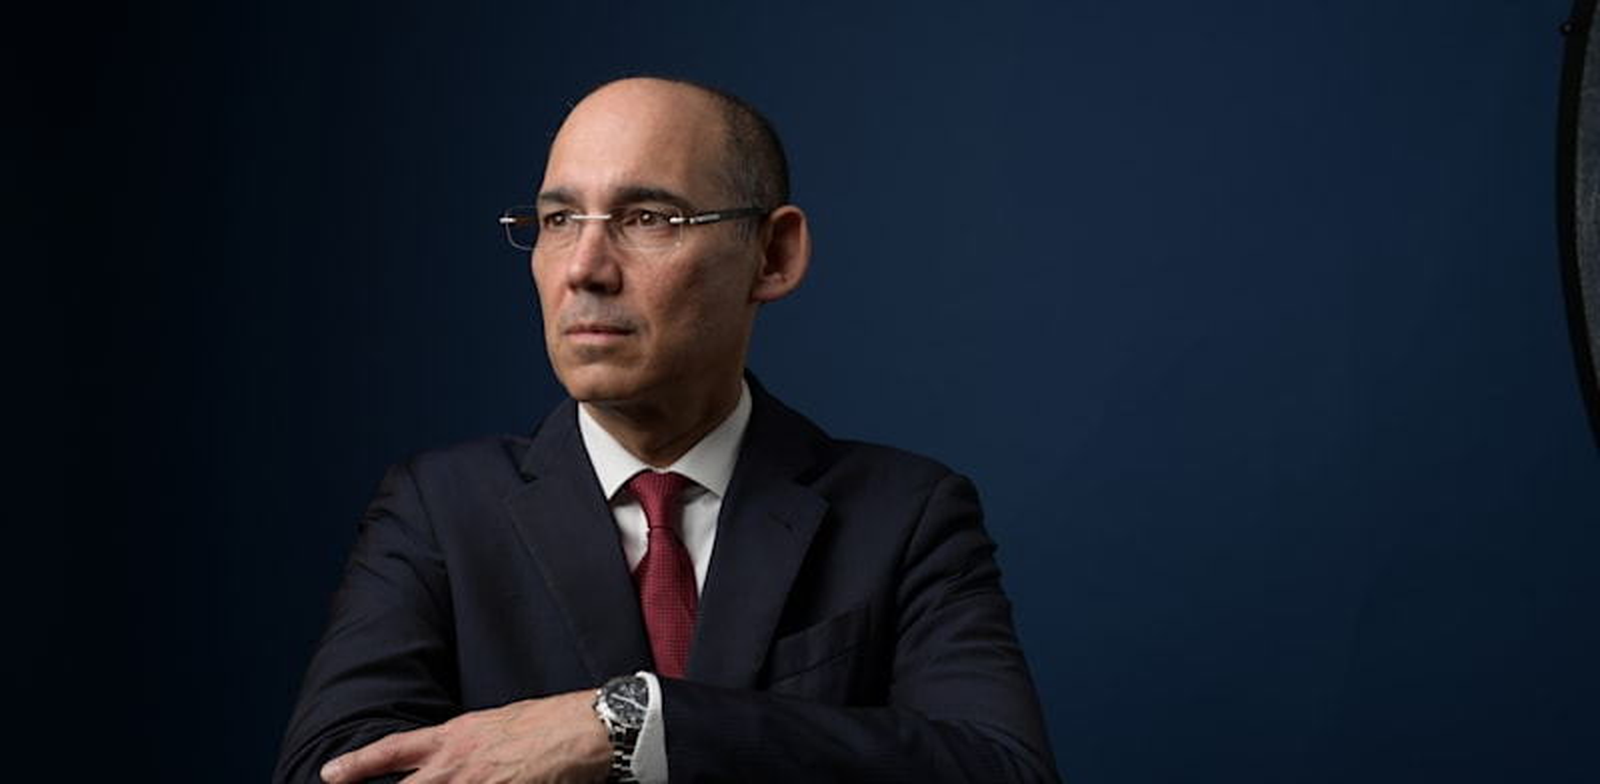 אמיר ירון נגיד בנק ישראל / צילום: יונתן בלום